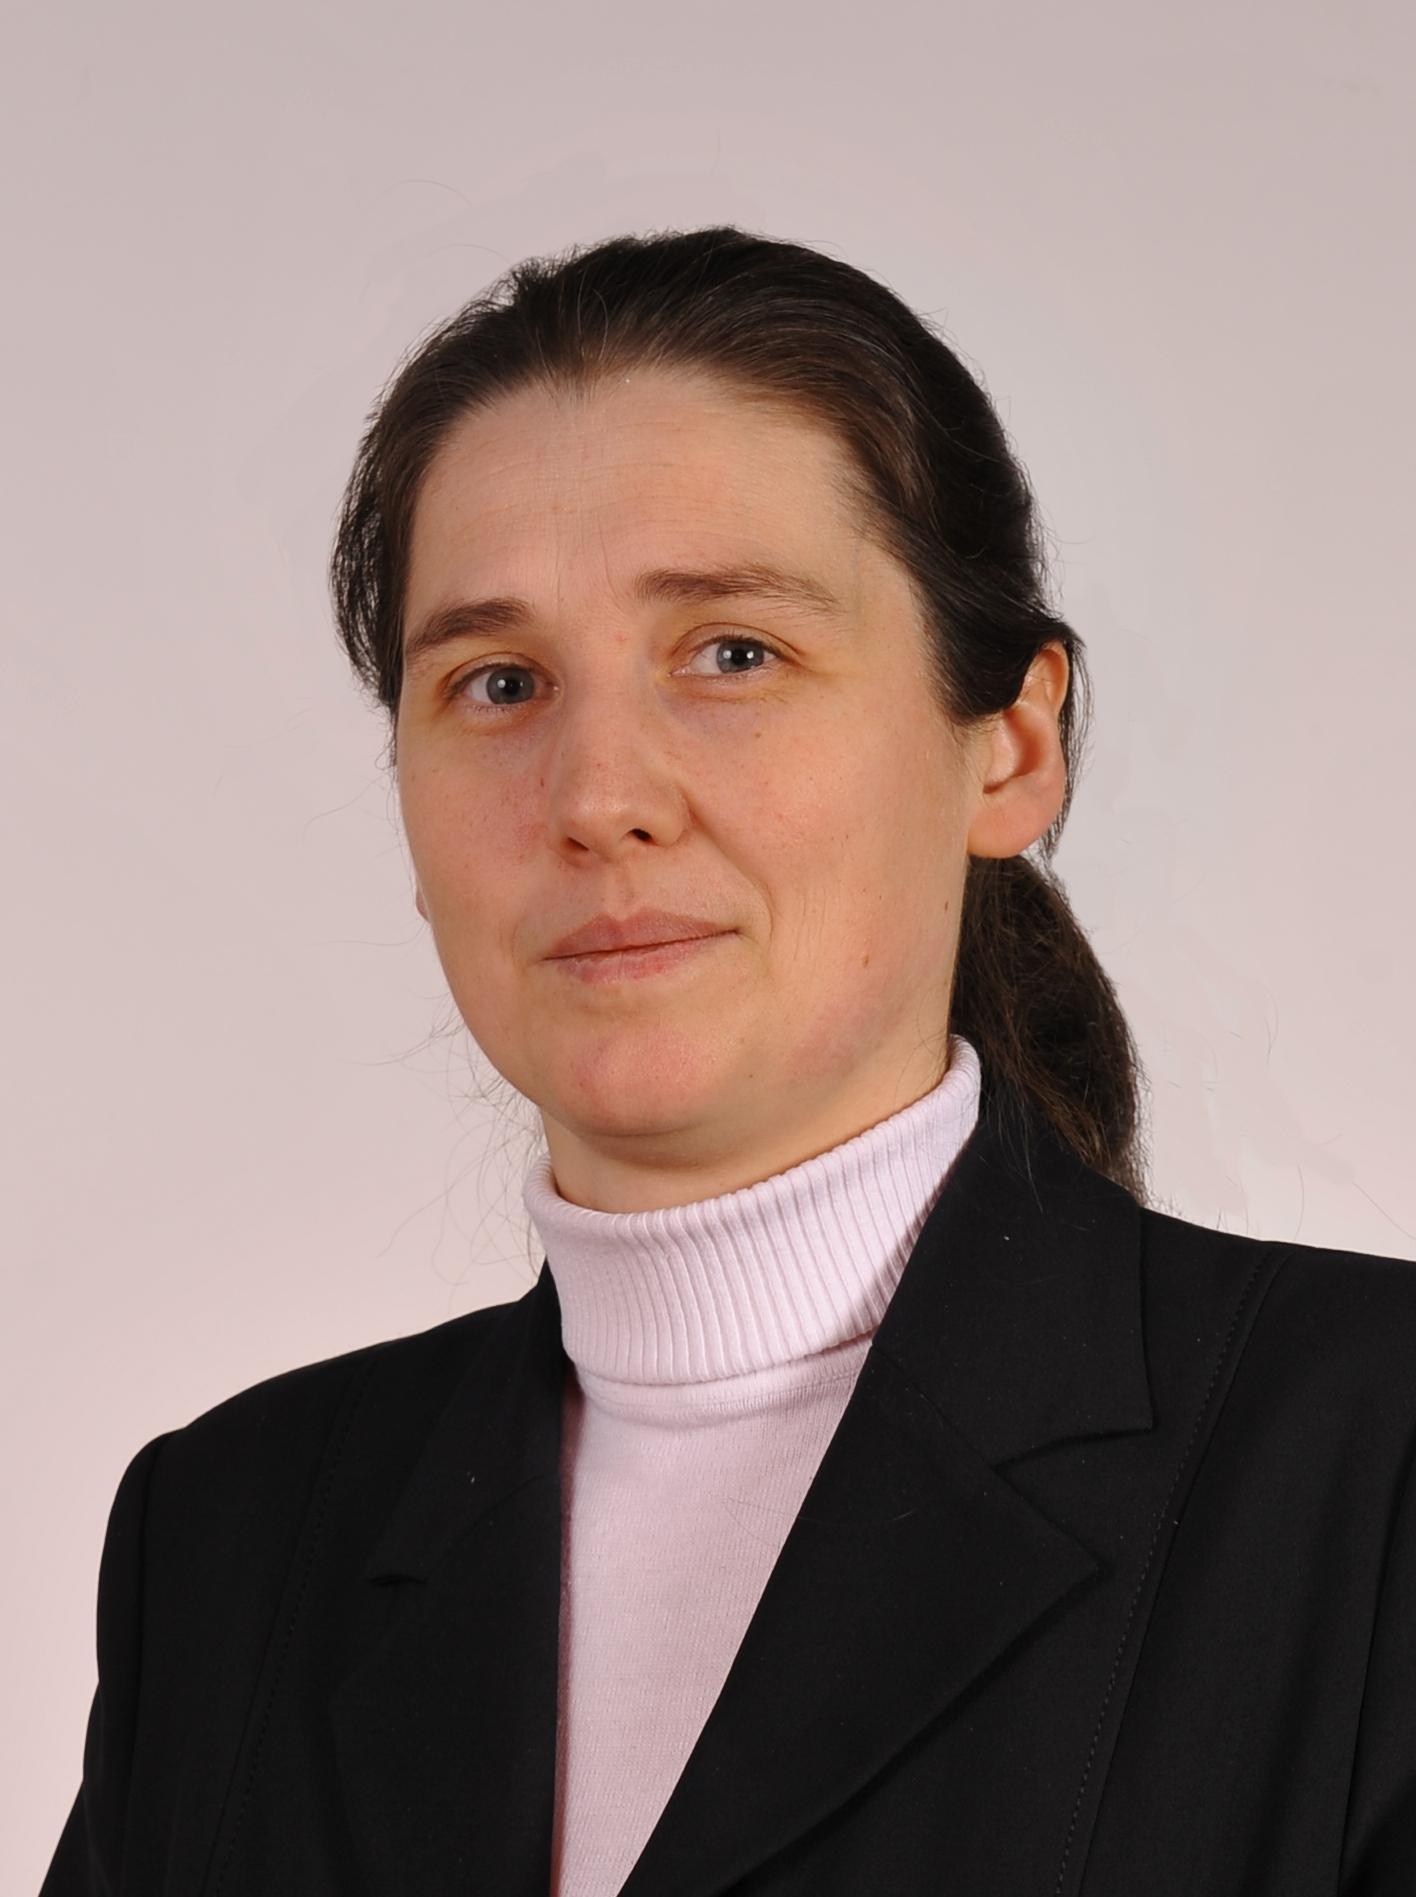 Учитель математики и физикиТимофеева Наталья Сергеевна